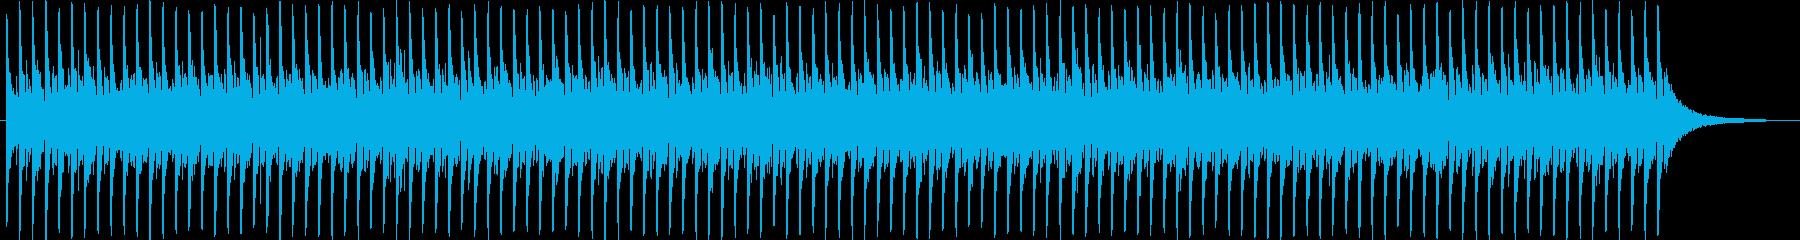 シンセサイザーが印象的なBGM2の再生済みの波形